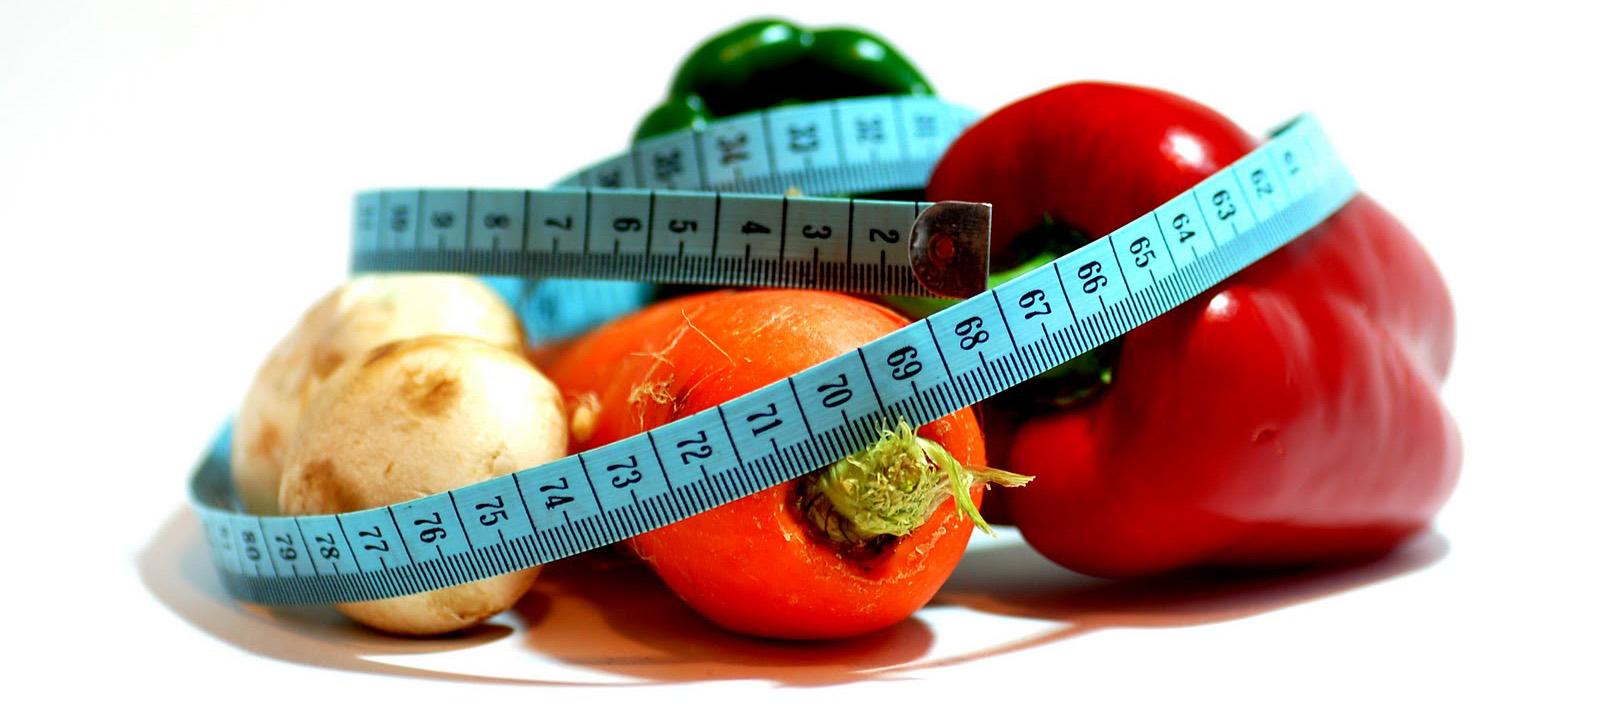 frutas-fita-metrica (2)